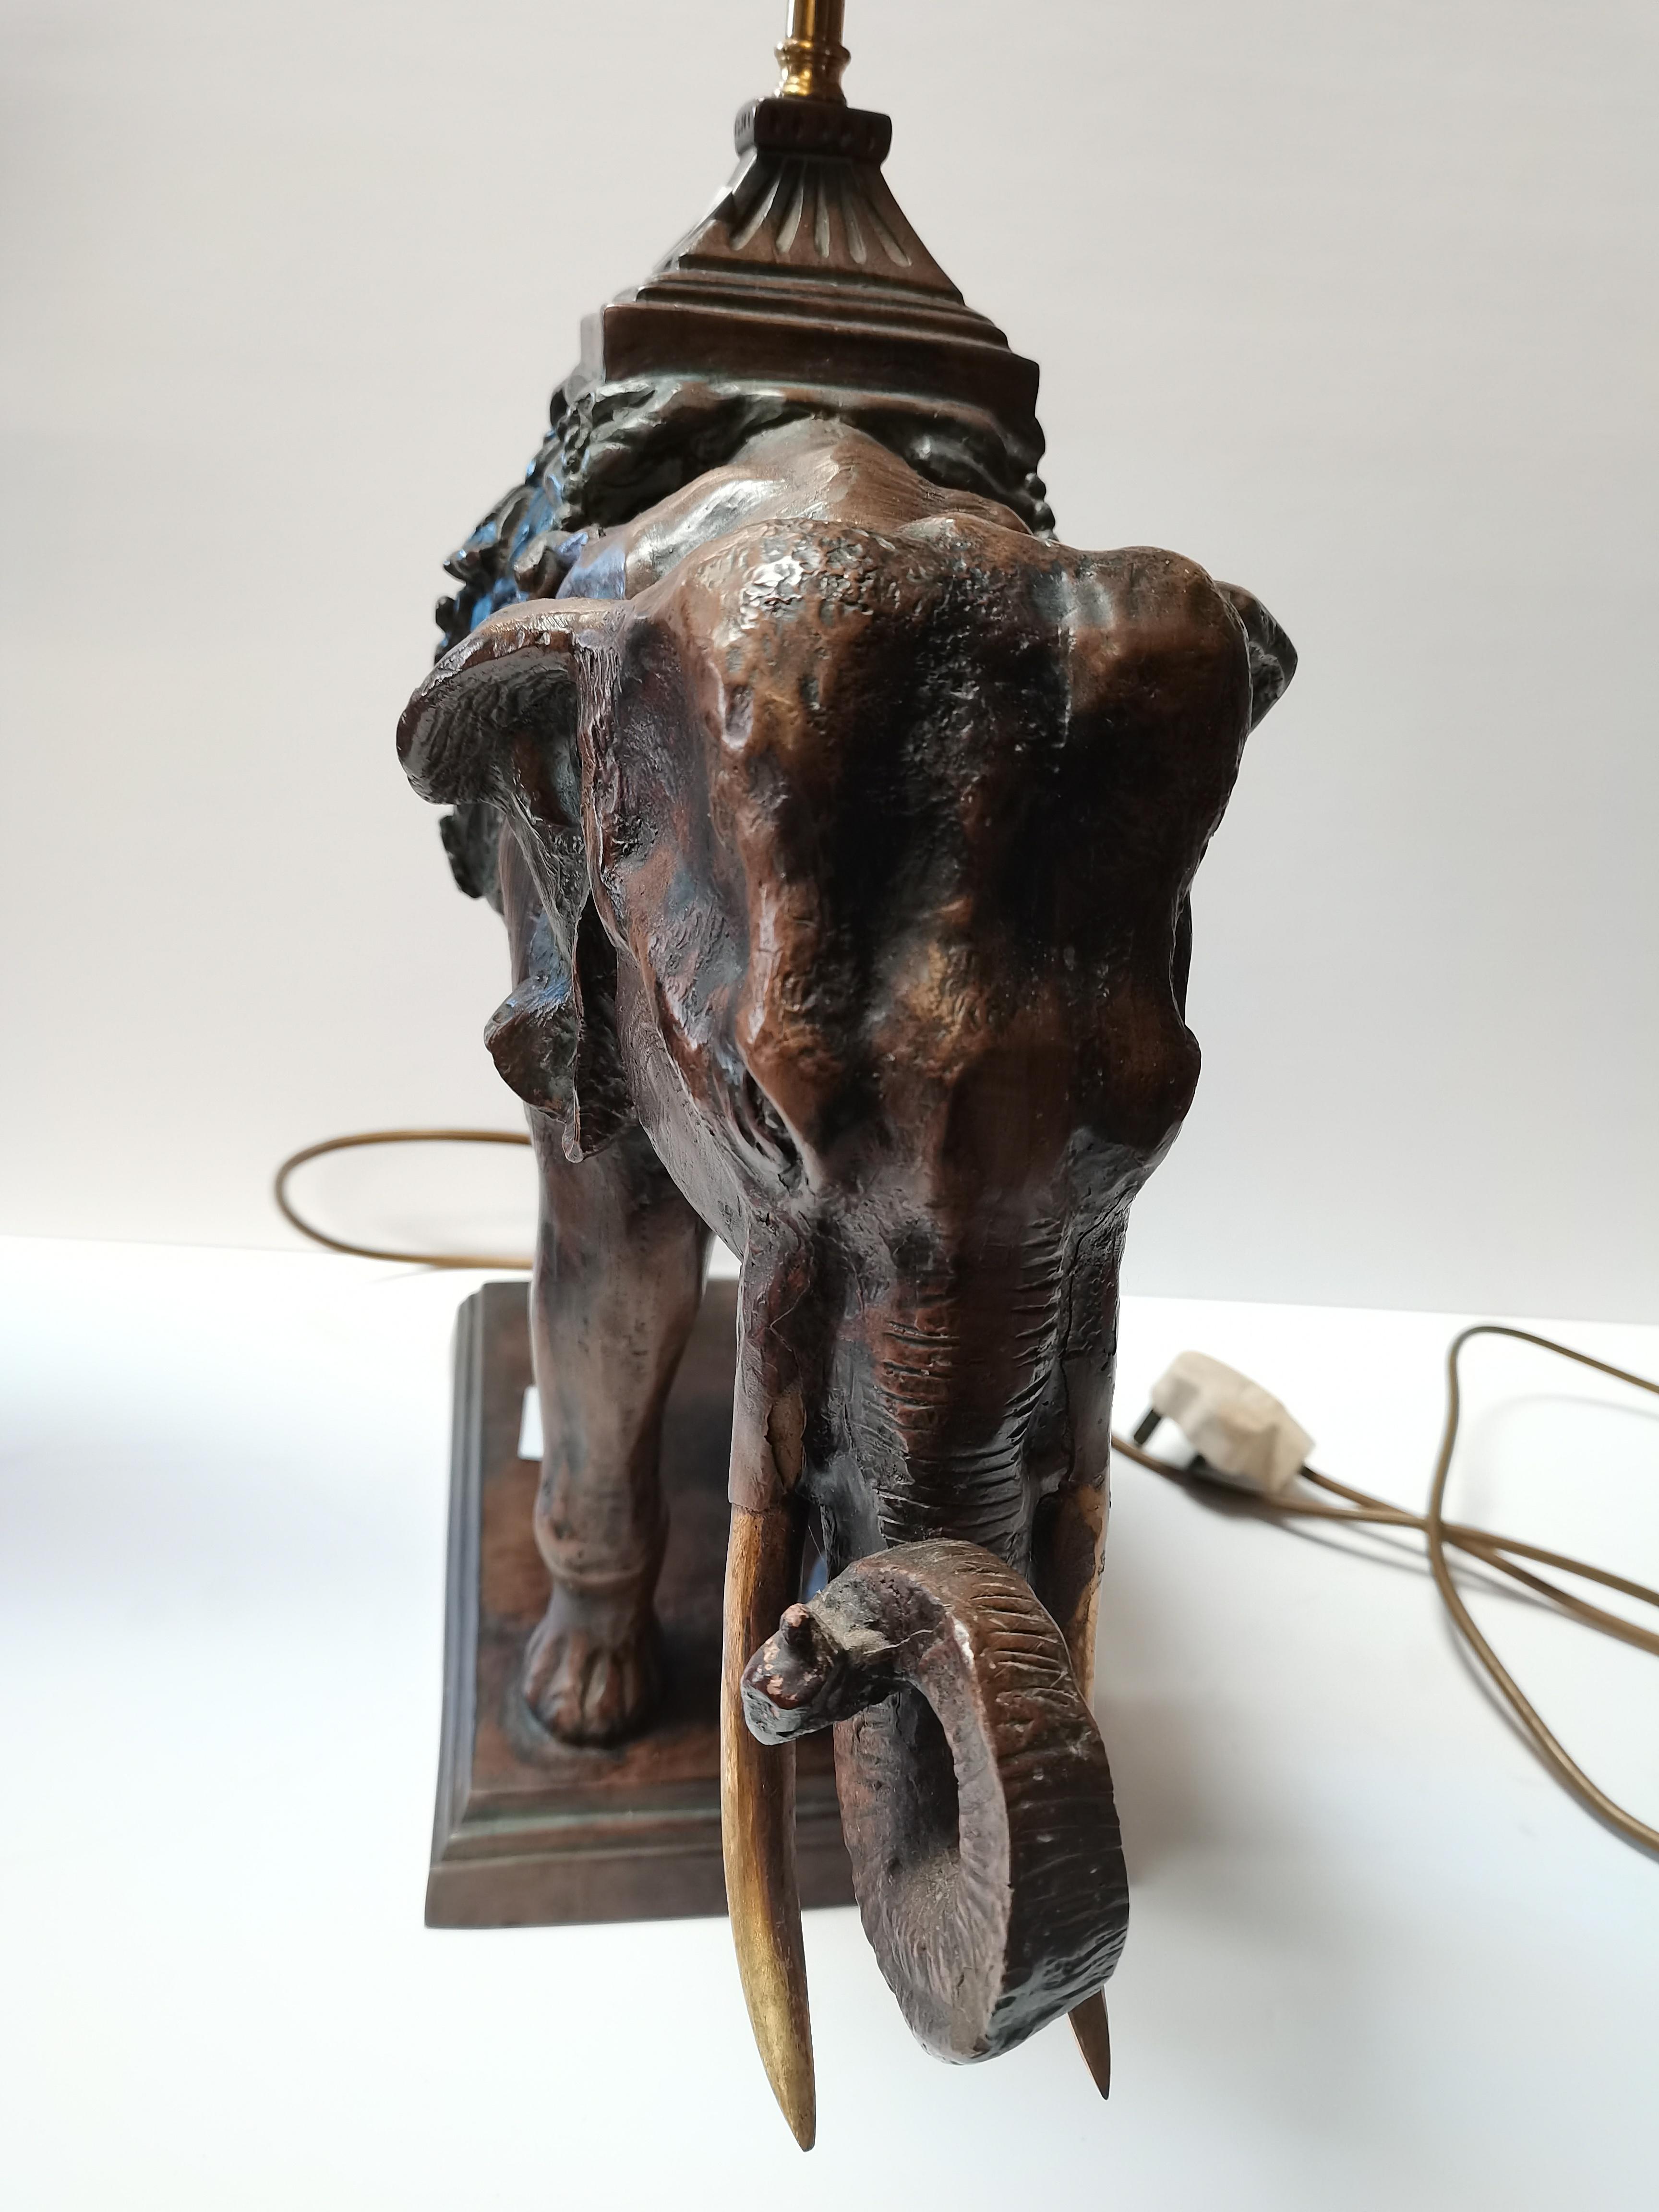 50cm elephant lamp - Image 2 of 3